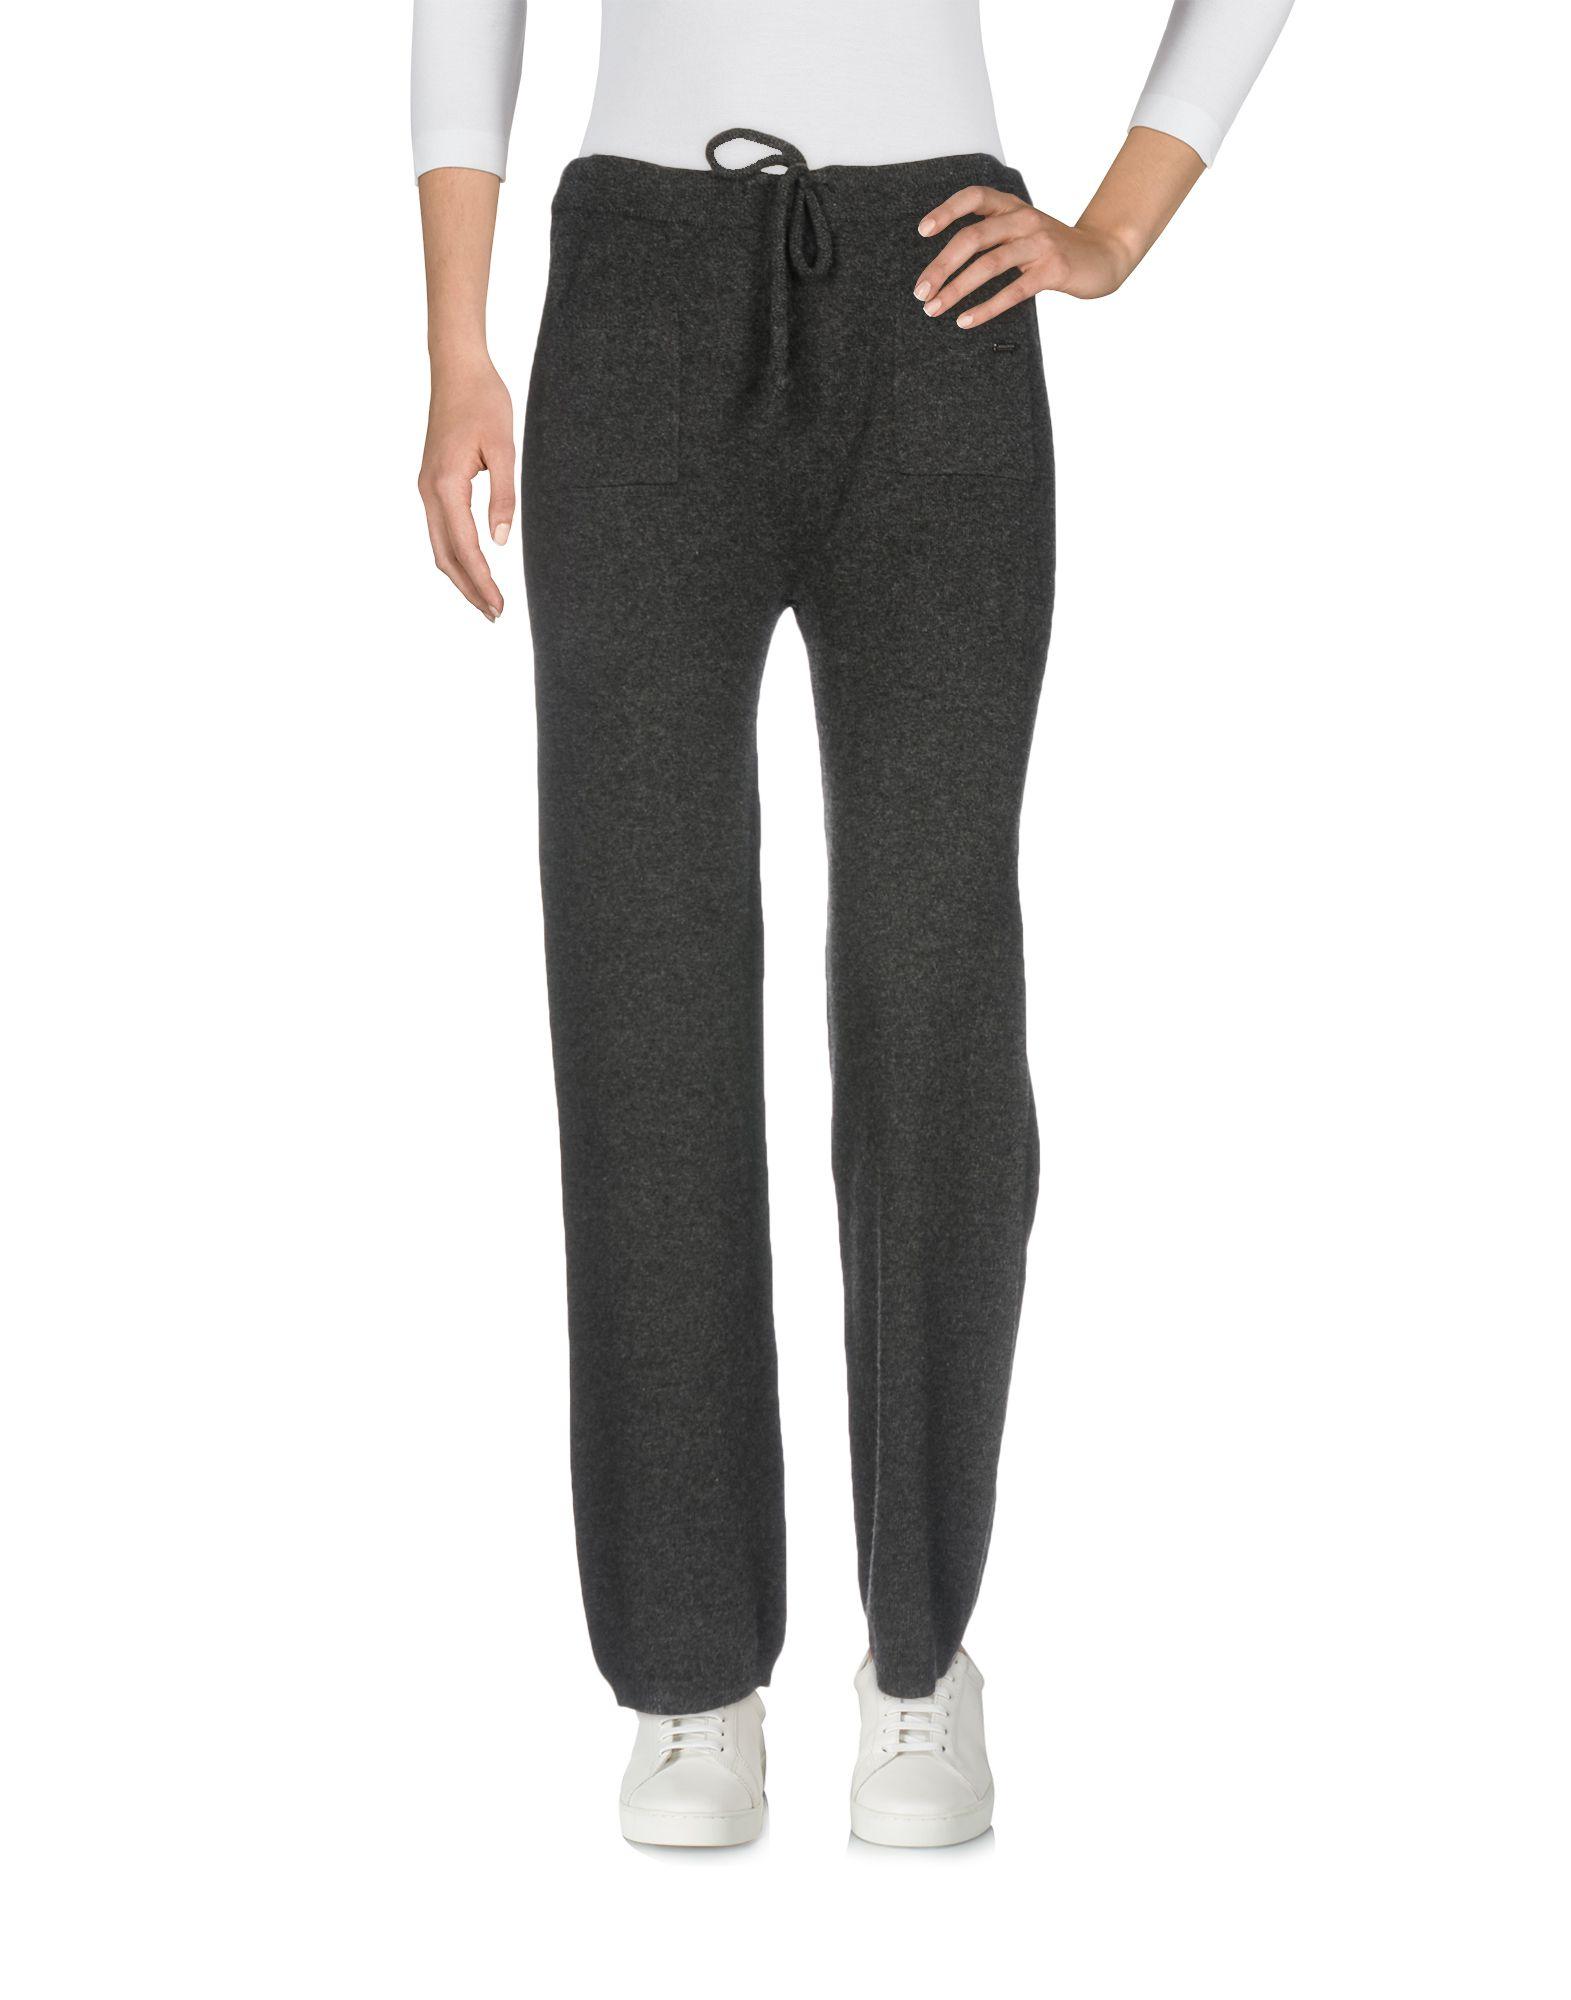 Pantalone Woolrich Donna - Acquista online su i4cMDI